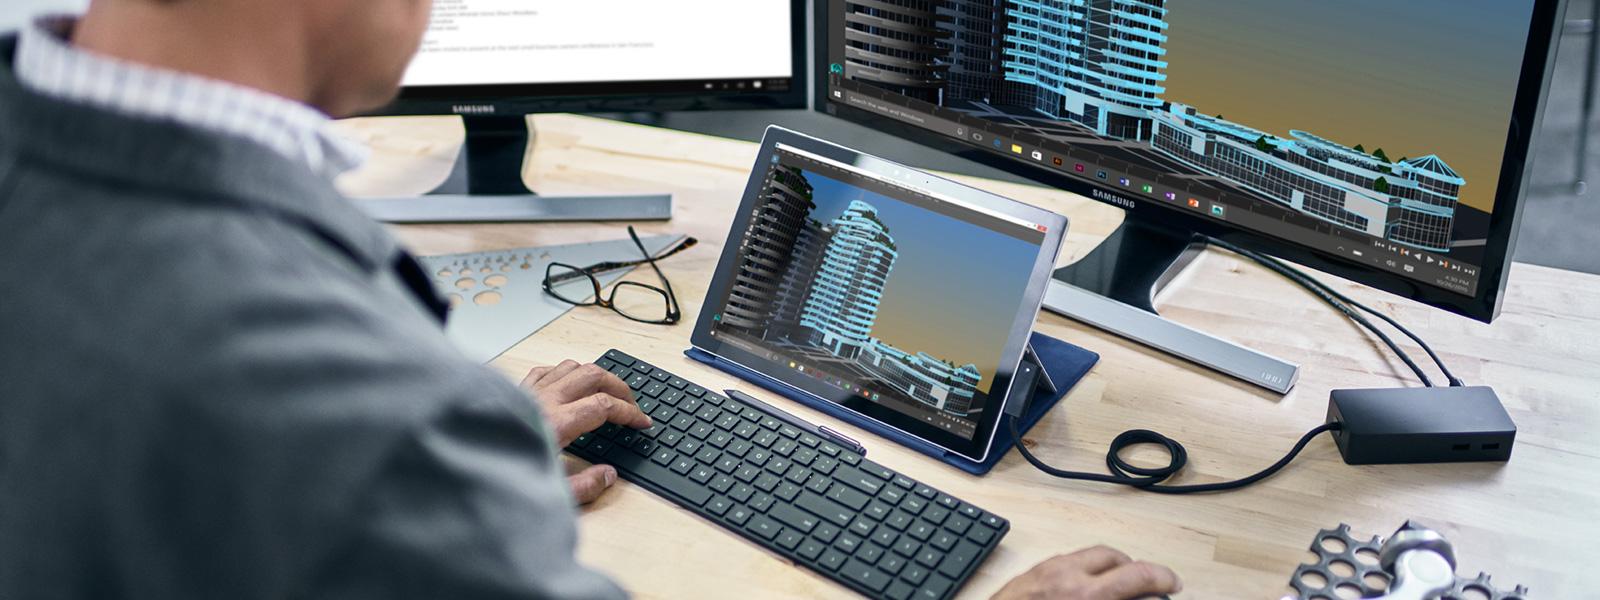 Surface Pro 4, stor skærm og tastatur, der er placeret pä skrivebord.